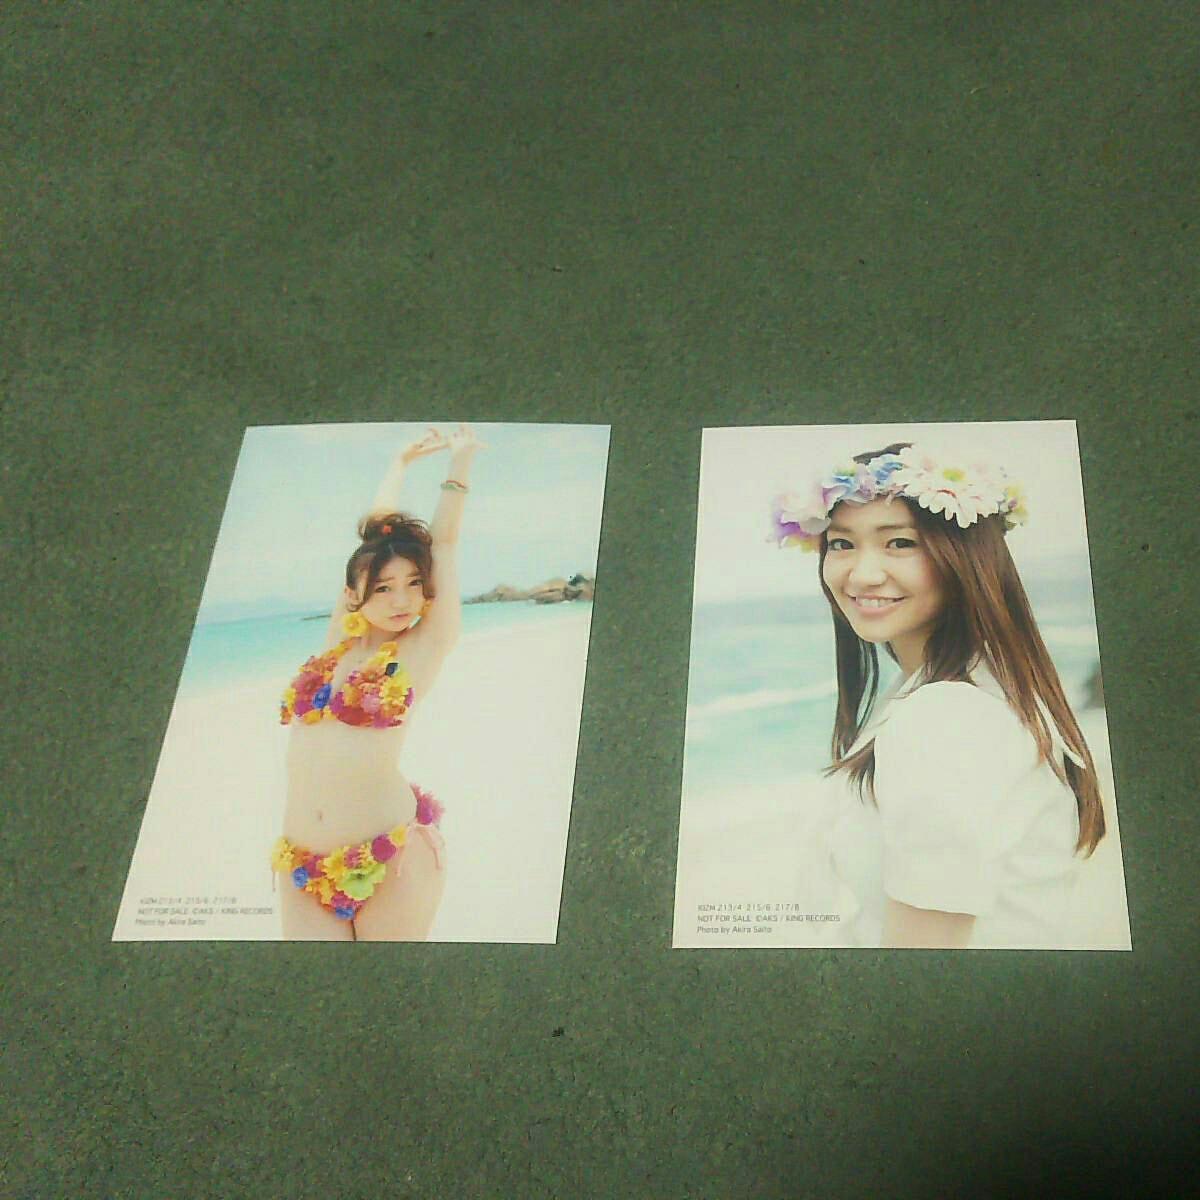 大島優子 生写真 AKB48 さよならクロール 通常盤 2種類 コンプ